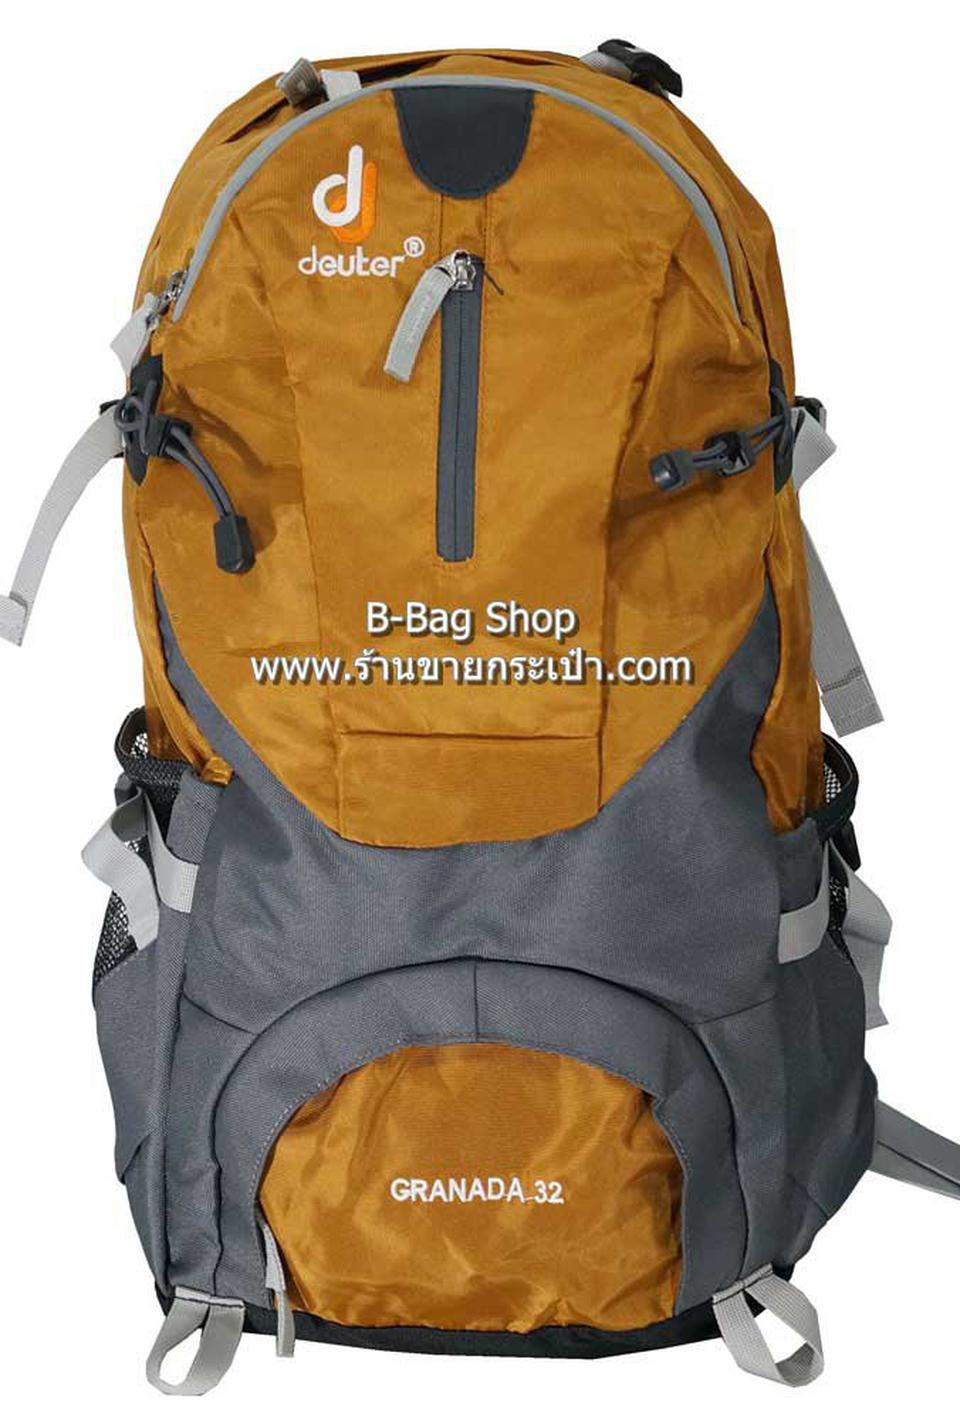 ศูนย์รวมกระเป๋าเป้ notebook กระเป๋าเป้นักนักเรียน กระเป๋าเป้เดินทาง backpack กว่า 1000 แบบ รูปที่ 6